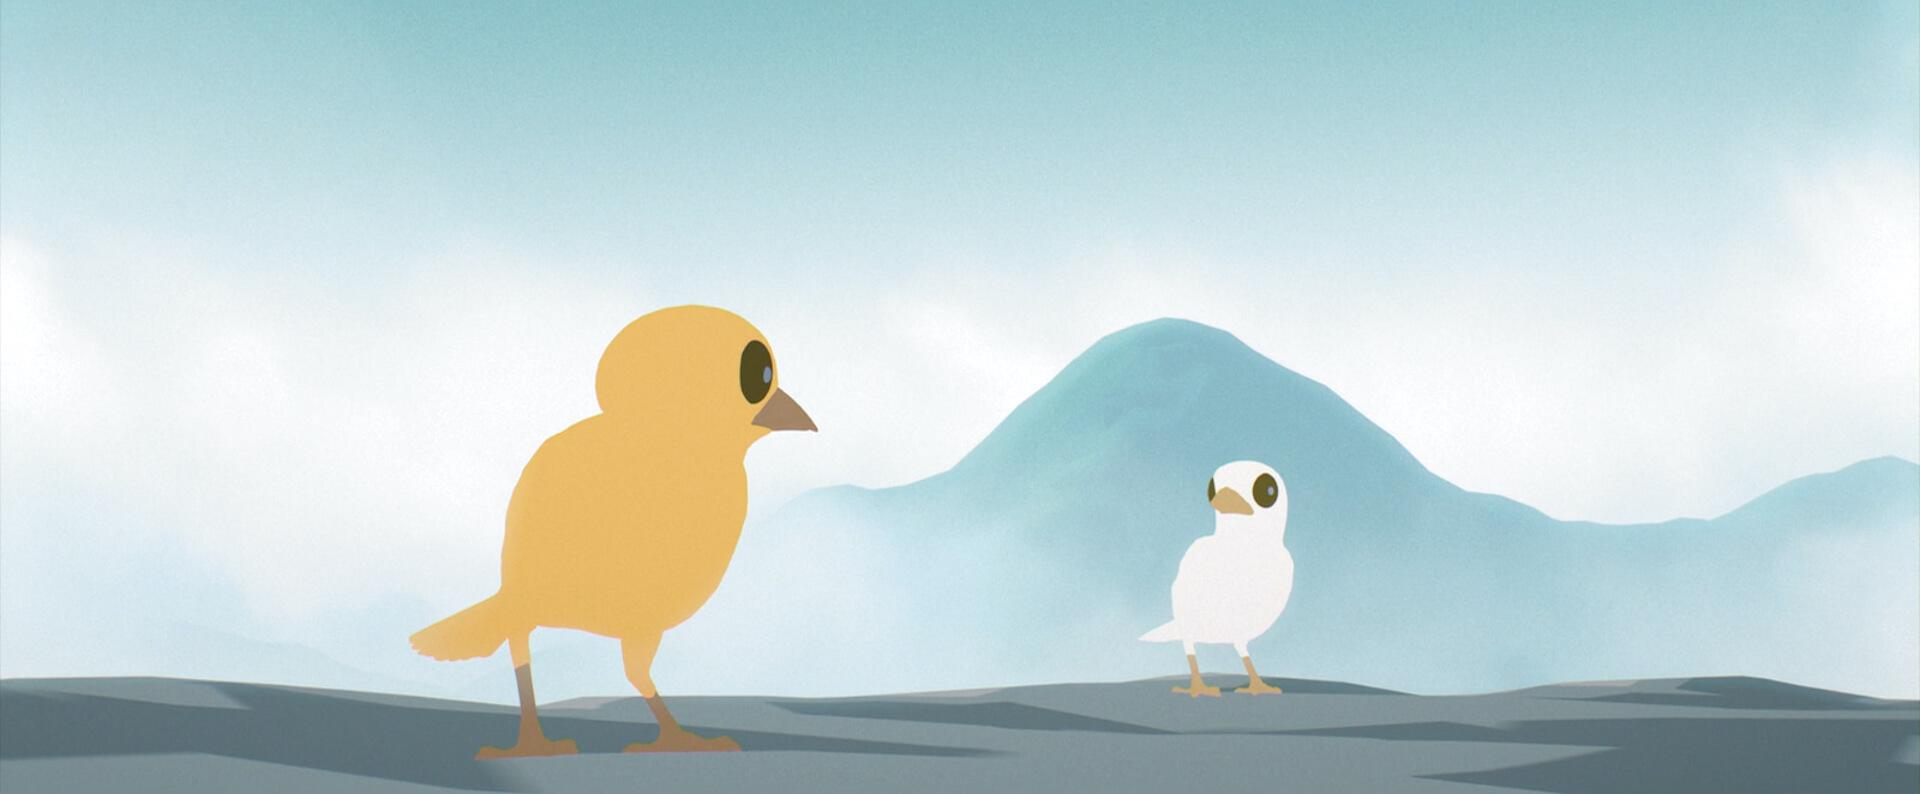 世界の映画祭で大絶賛のアニメーション映画『Away』の本編映像が到着!たった一人で製作・監督・編集・音楽を担当した長編大作 film201201_away_04